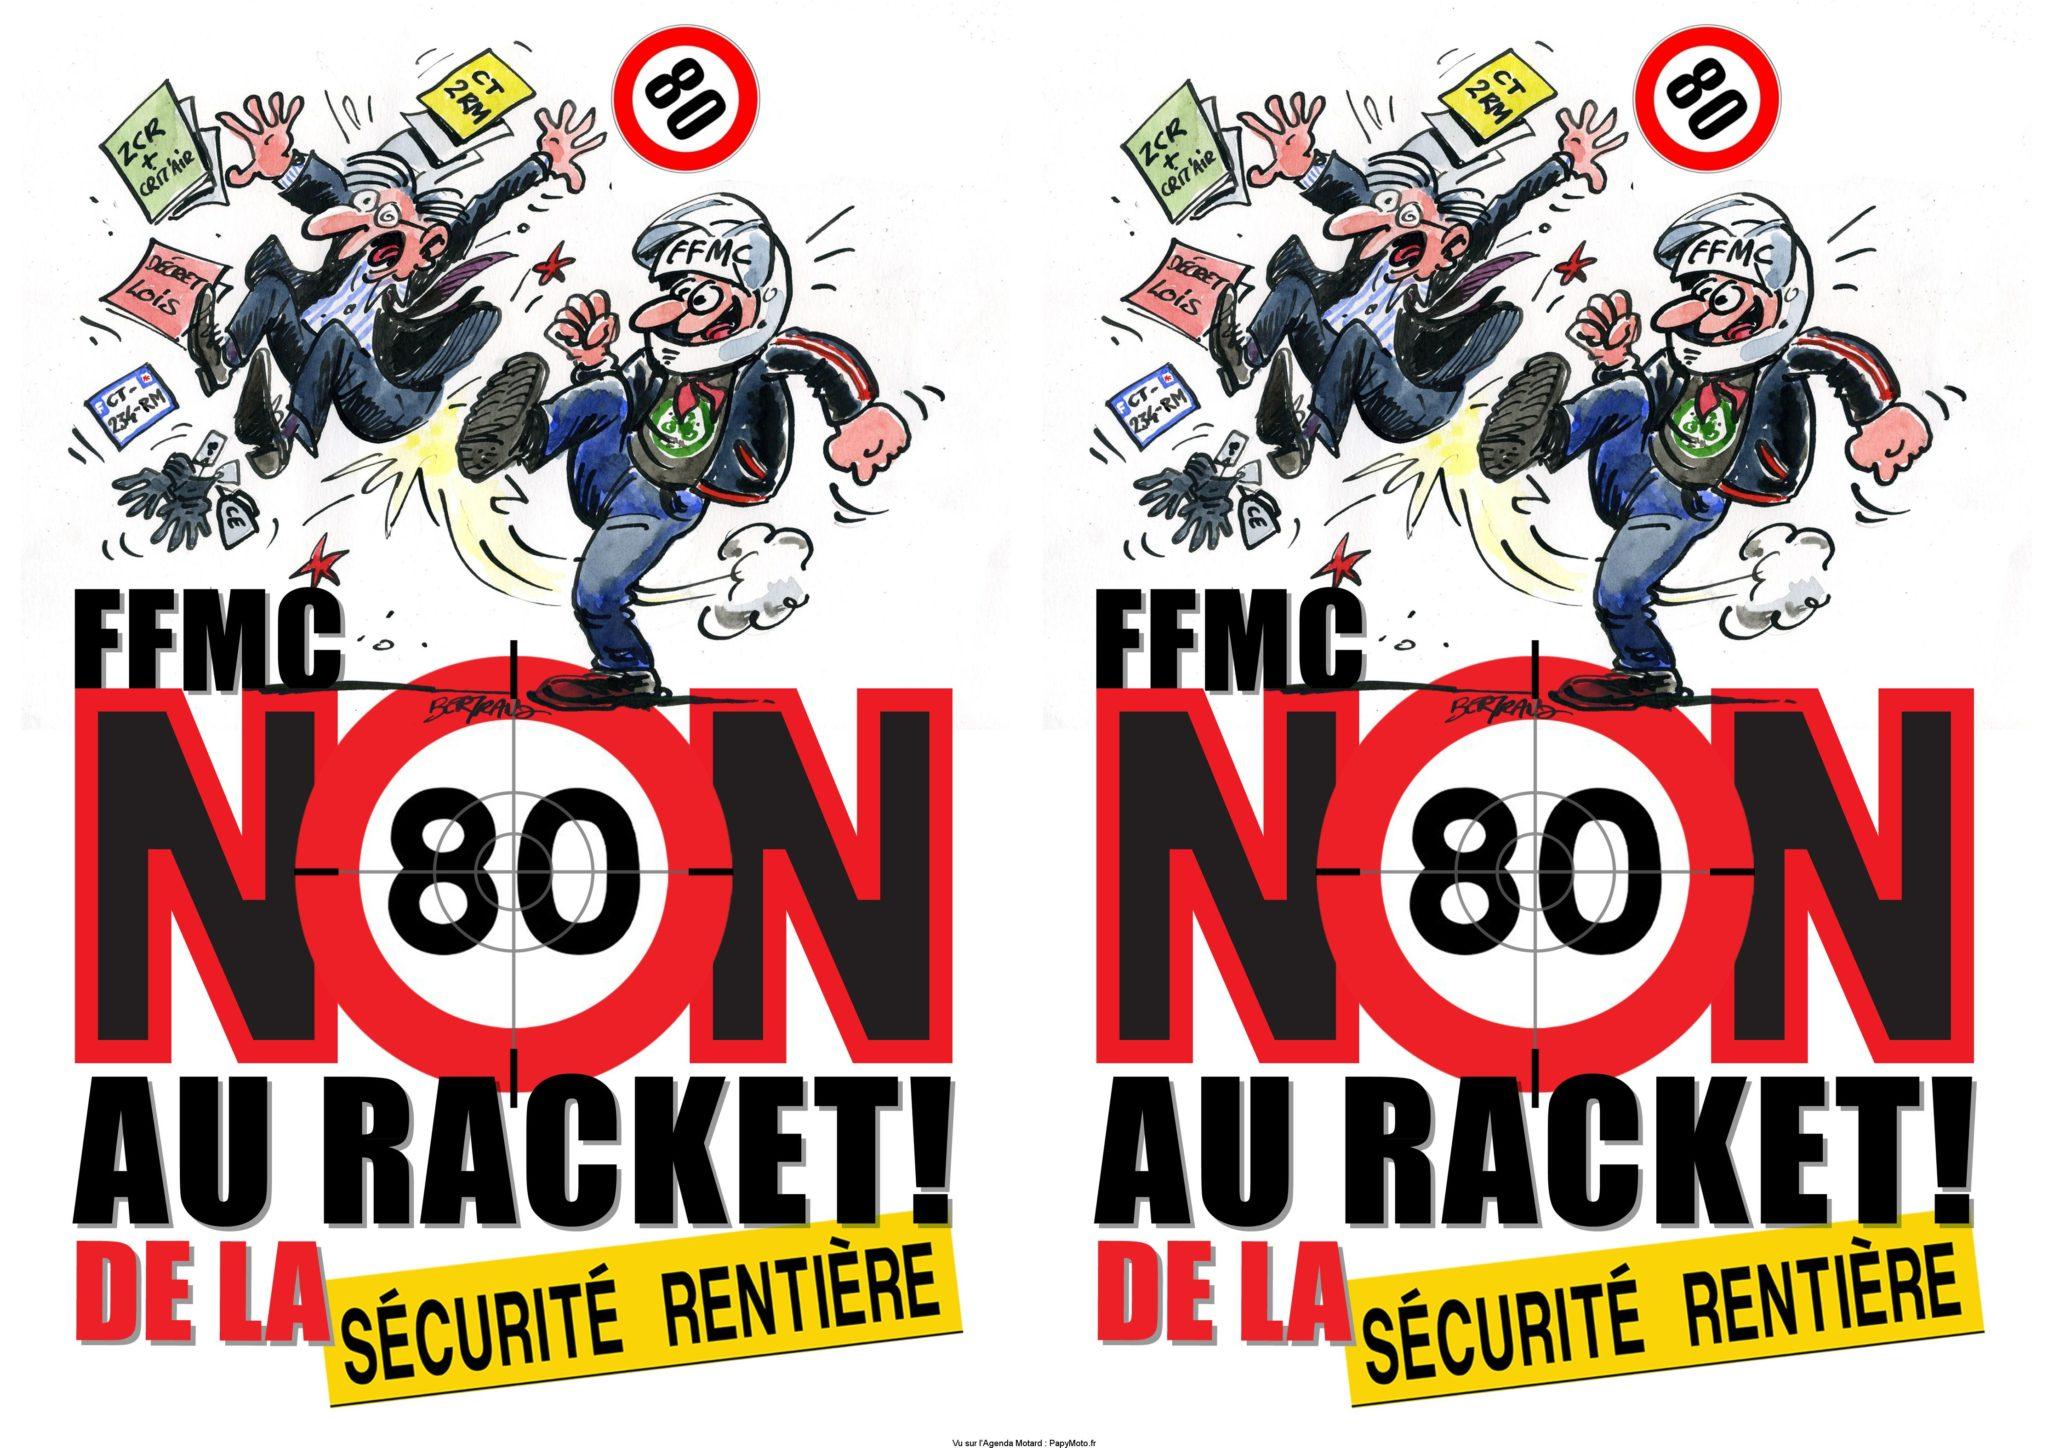 Les RDV de la FFMC pour la grande Manifestation par départements